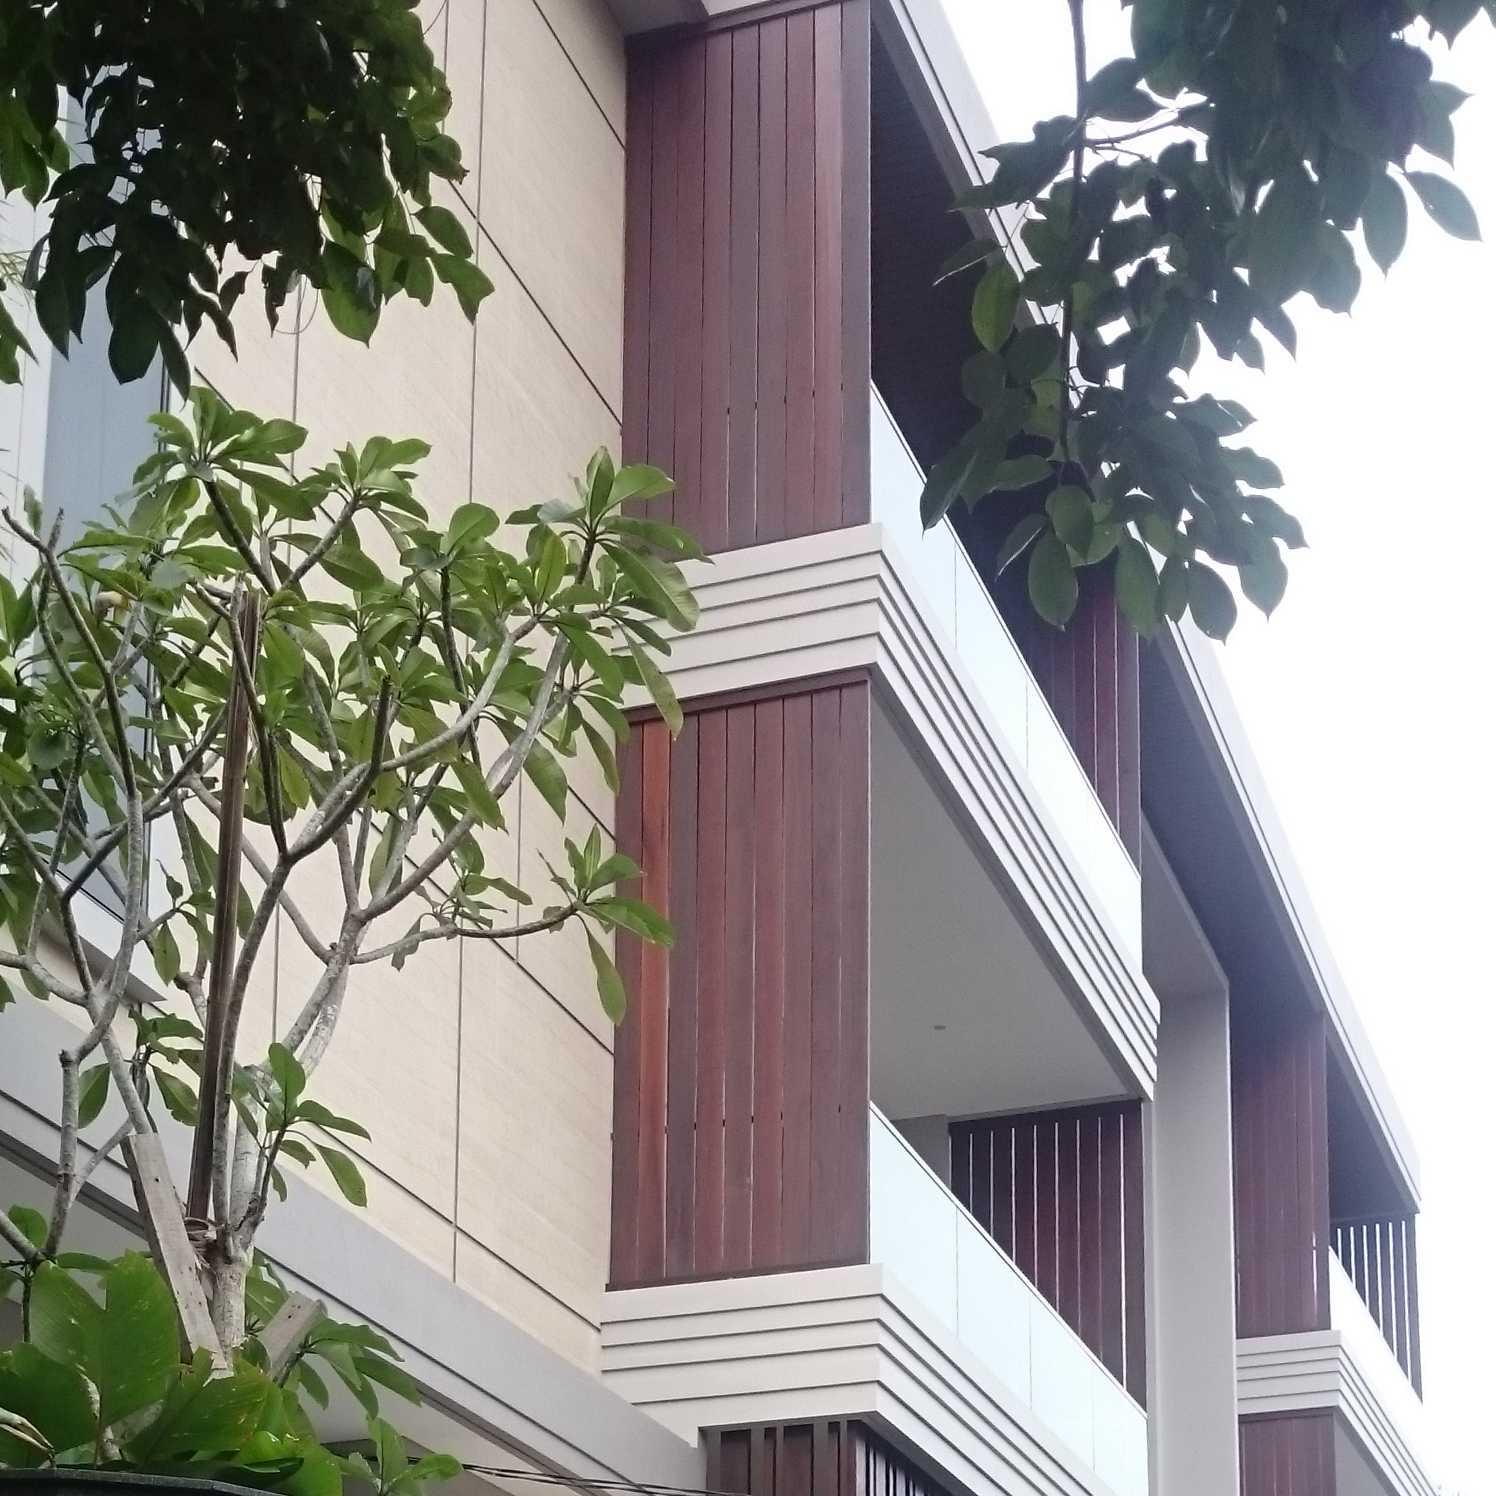 Alradistadesign St House, Sunter Sunter Jakarta Sunter Jakarta Alradistadesign-St-House-Sunter Modern 49338